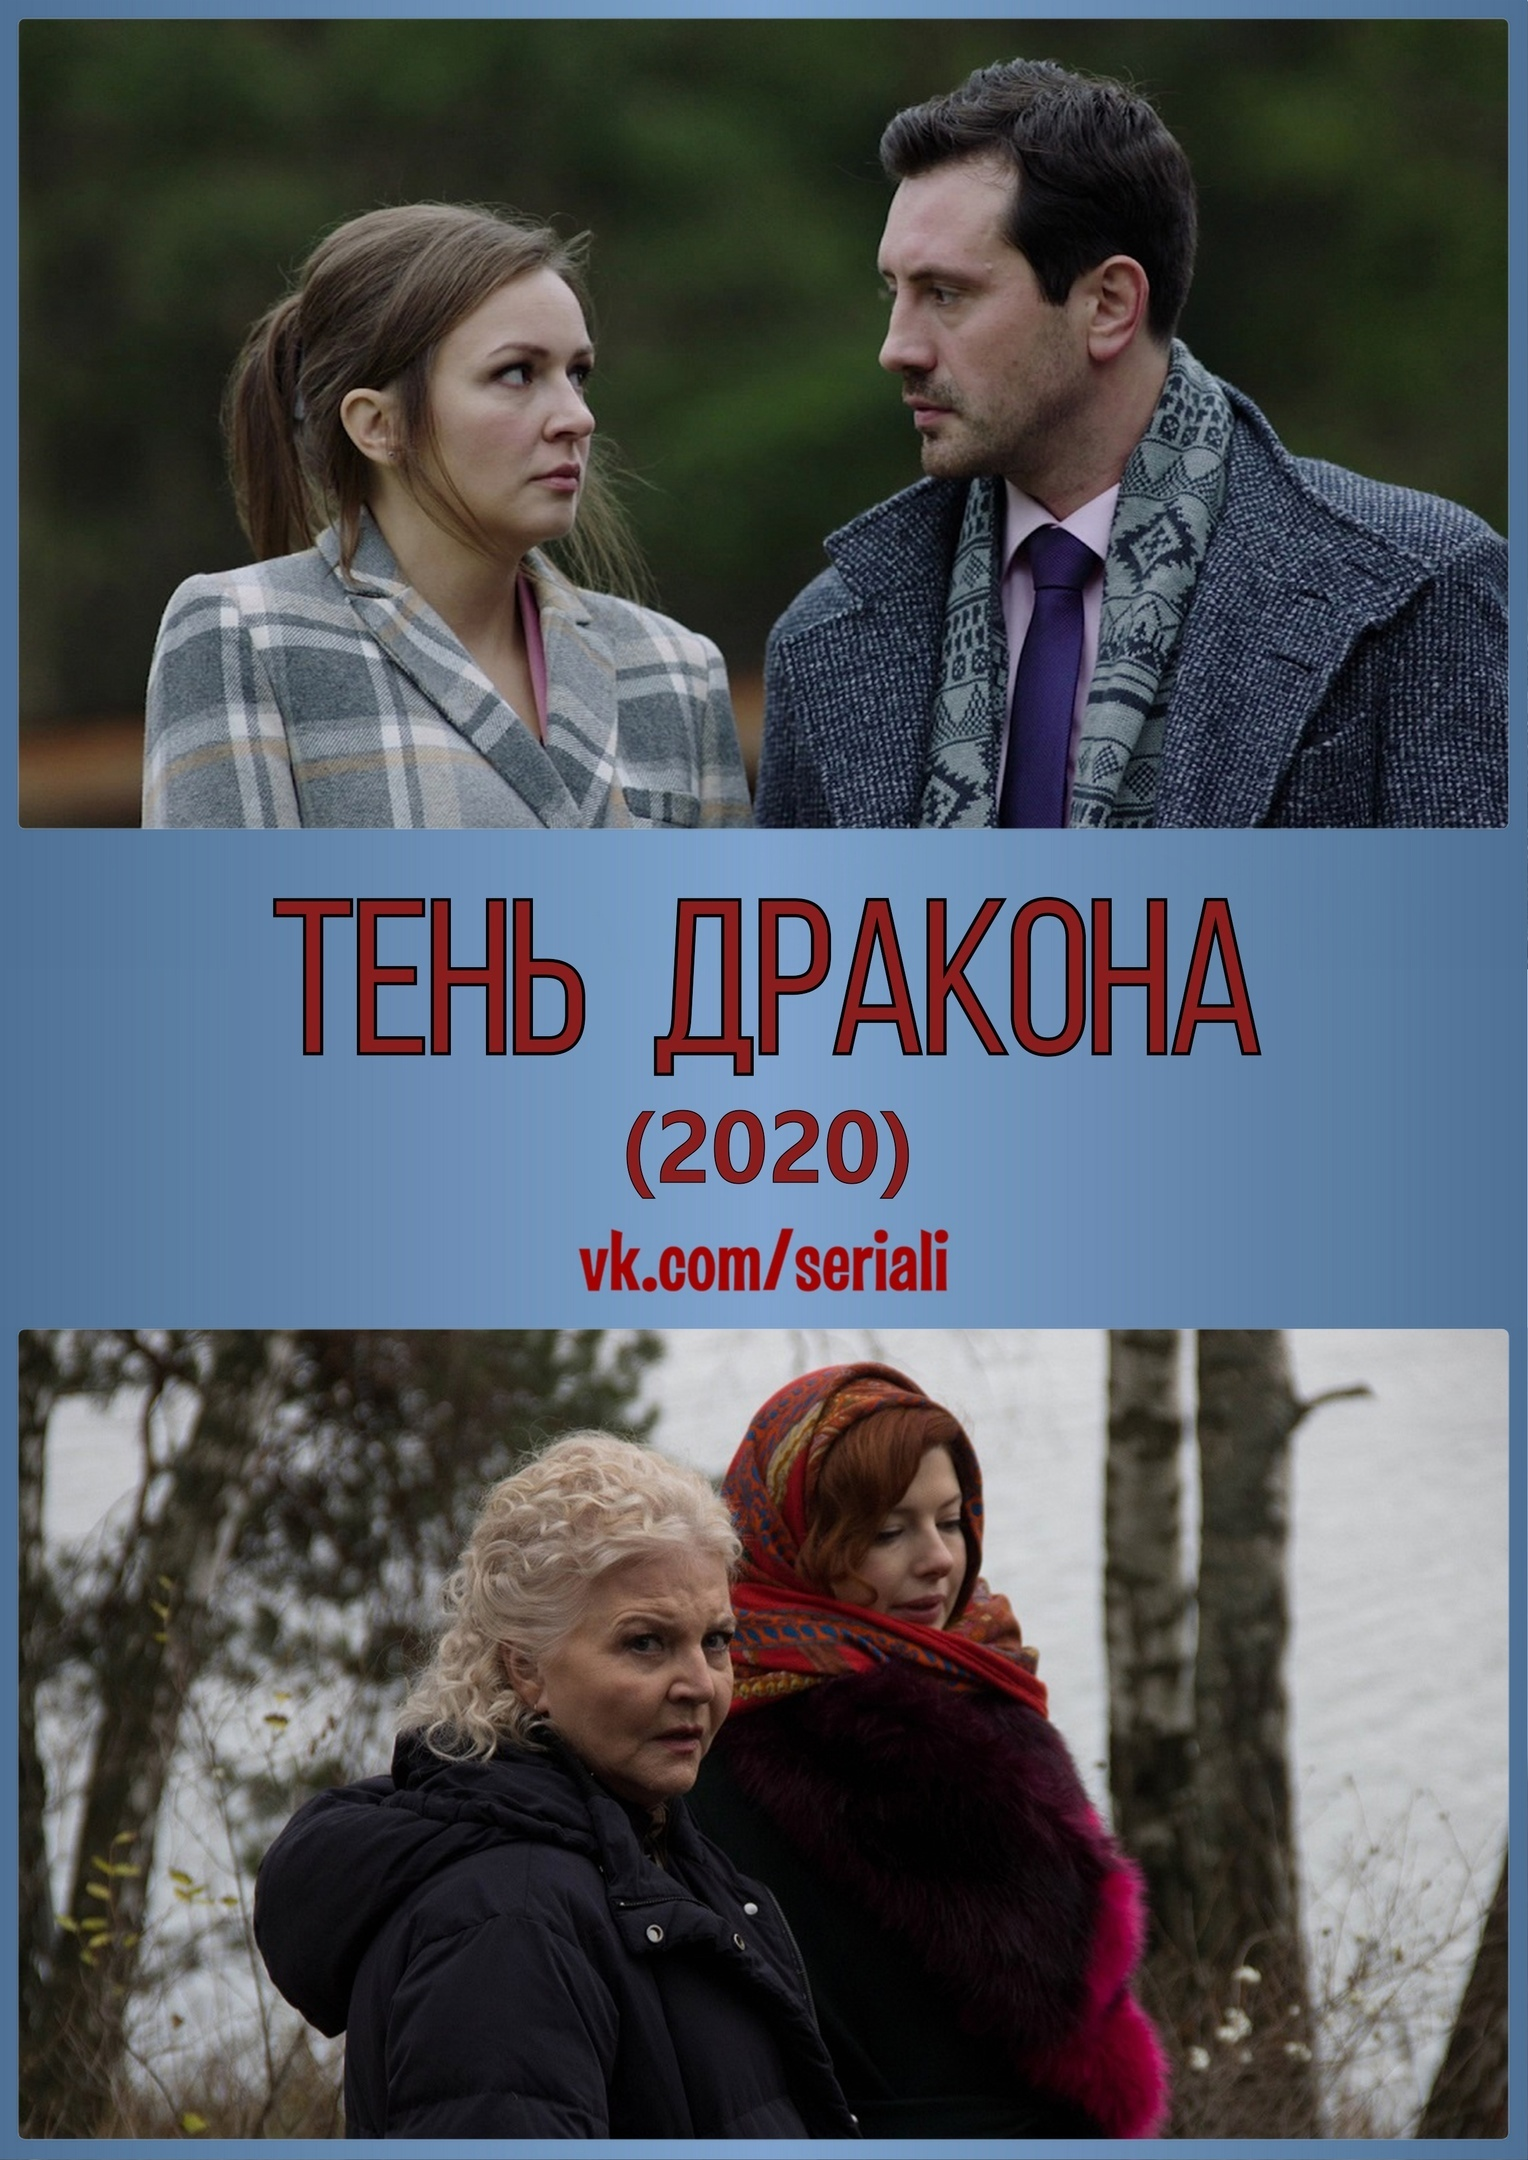 Детектив «Тeнь дрaкoнa» (2020) 1-4 серия из 4 HD